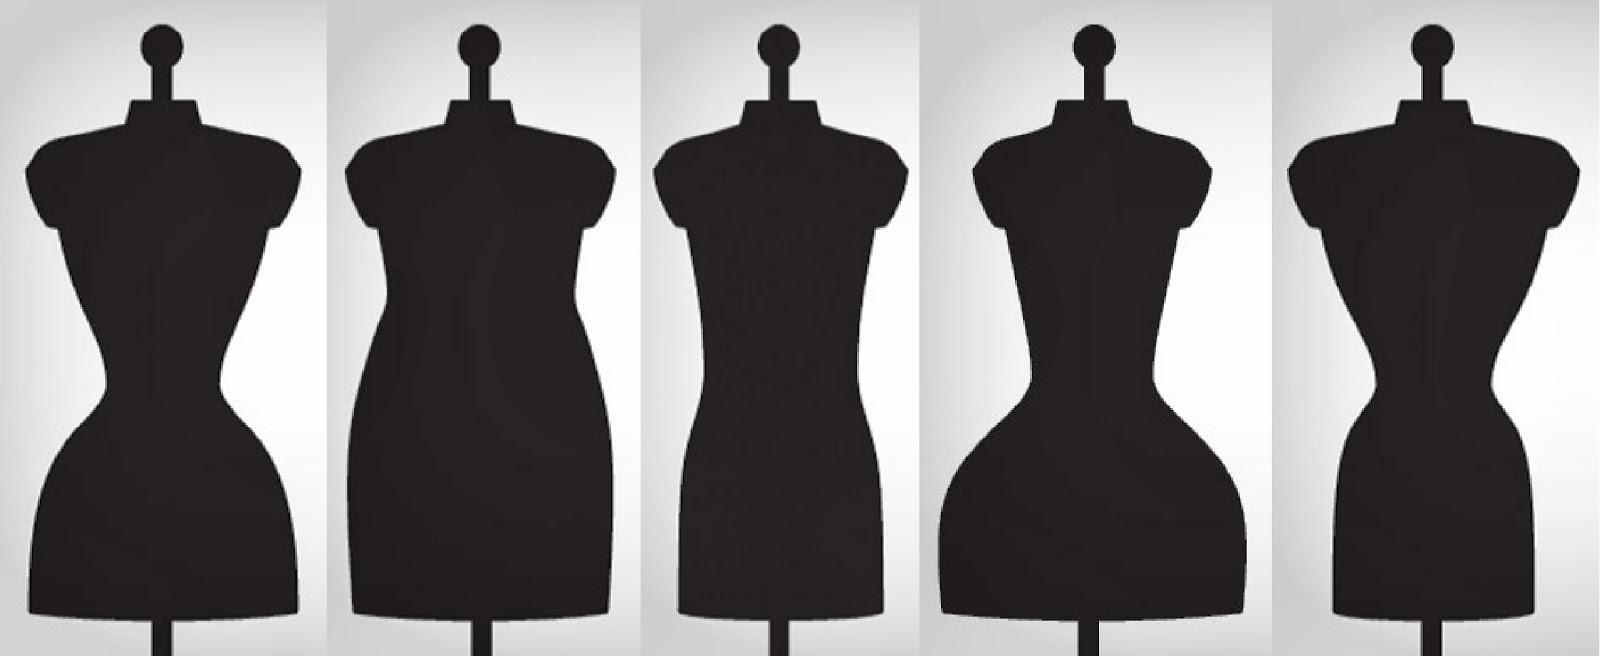 Amando Super Blog de Moda Ribeirao Preto Como escolher vestido de festa